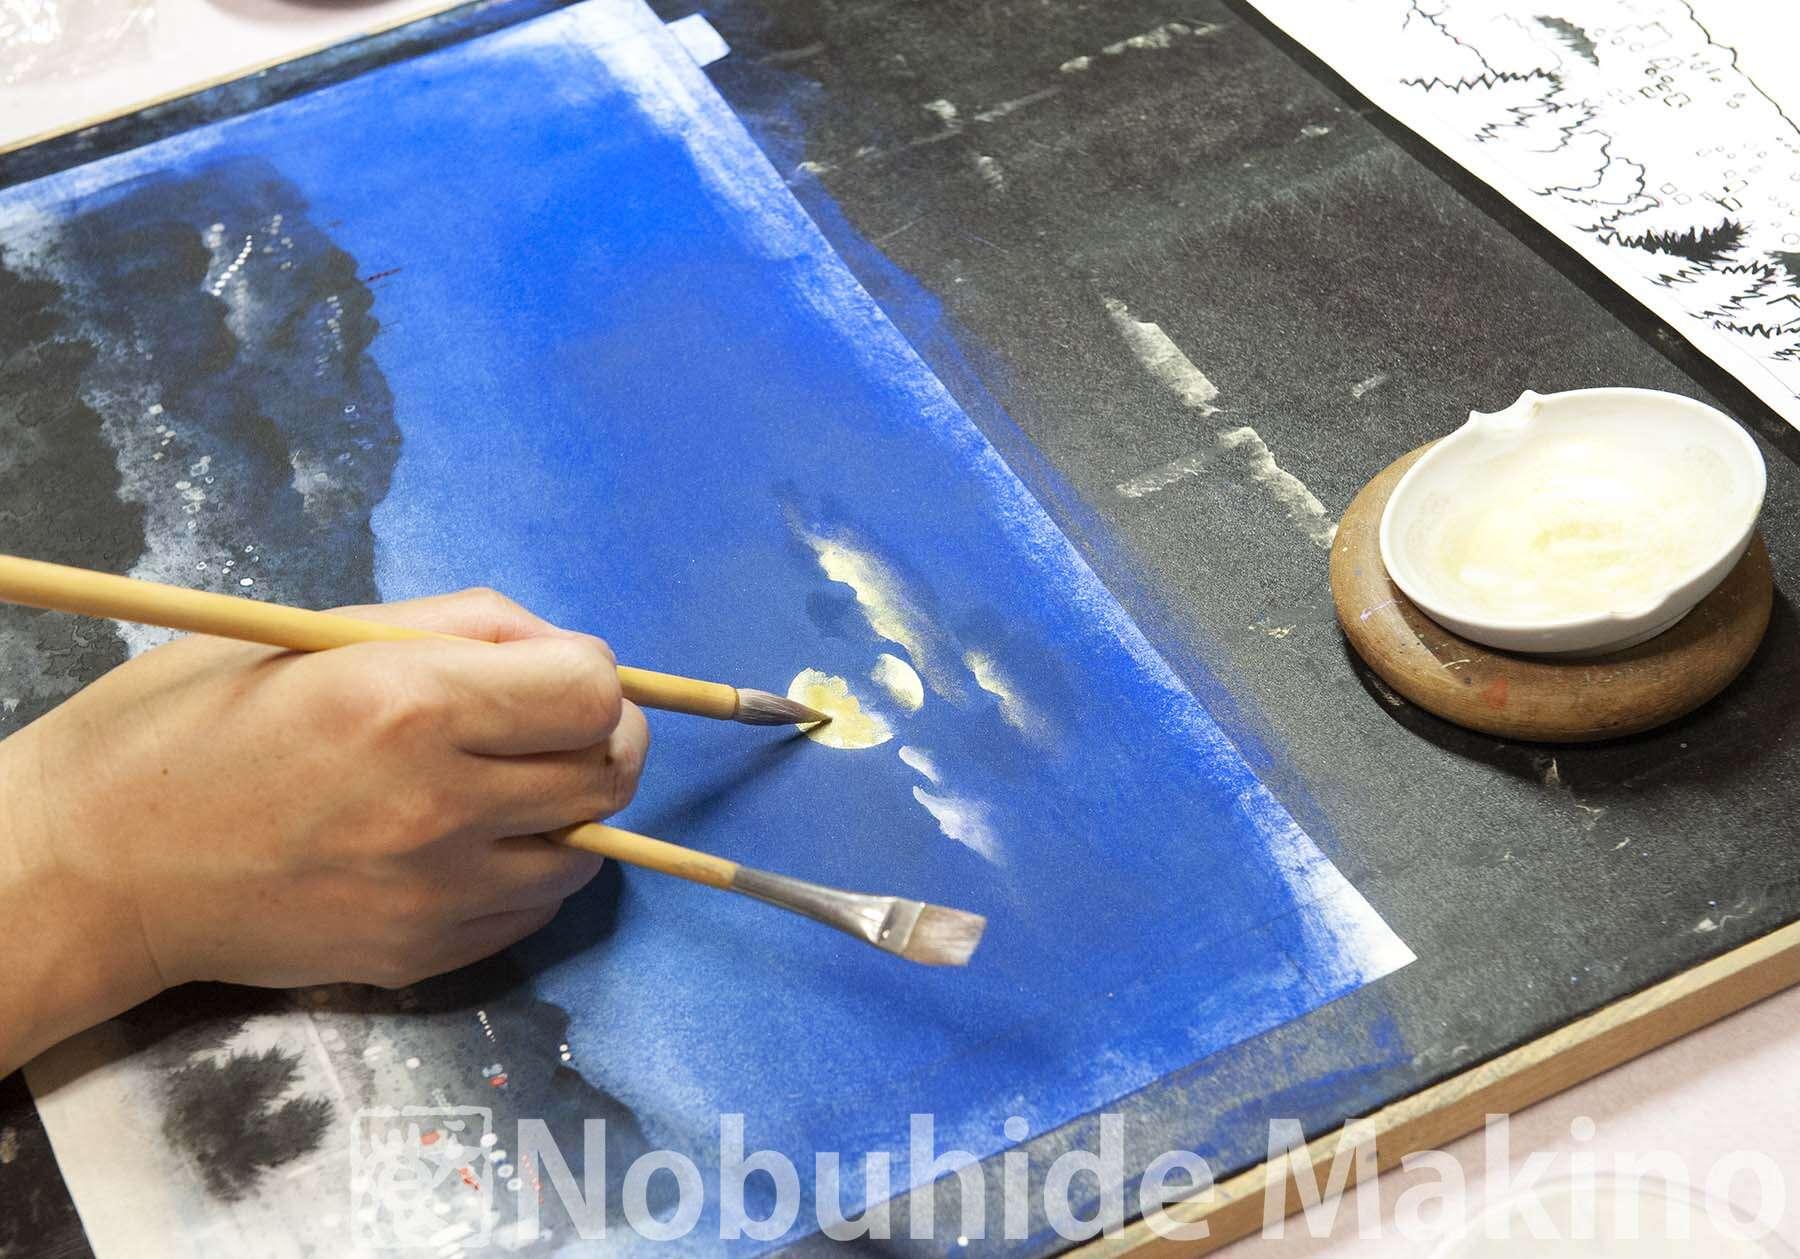 月光の街 制作過程